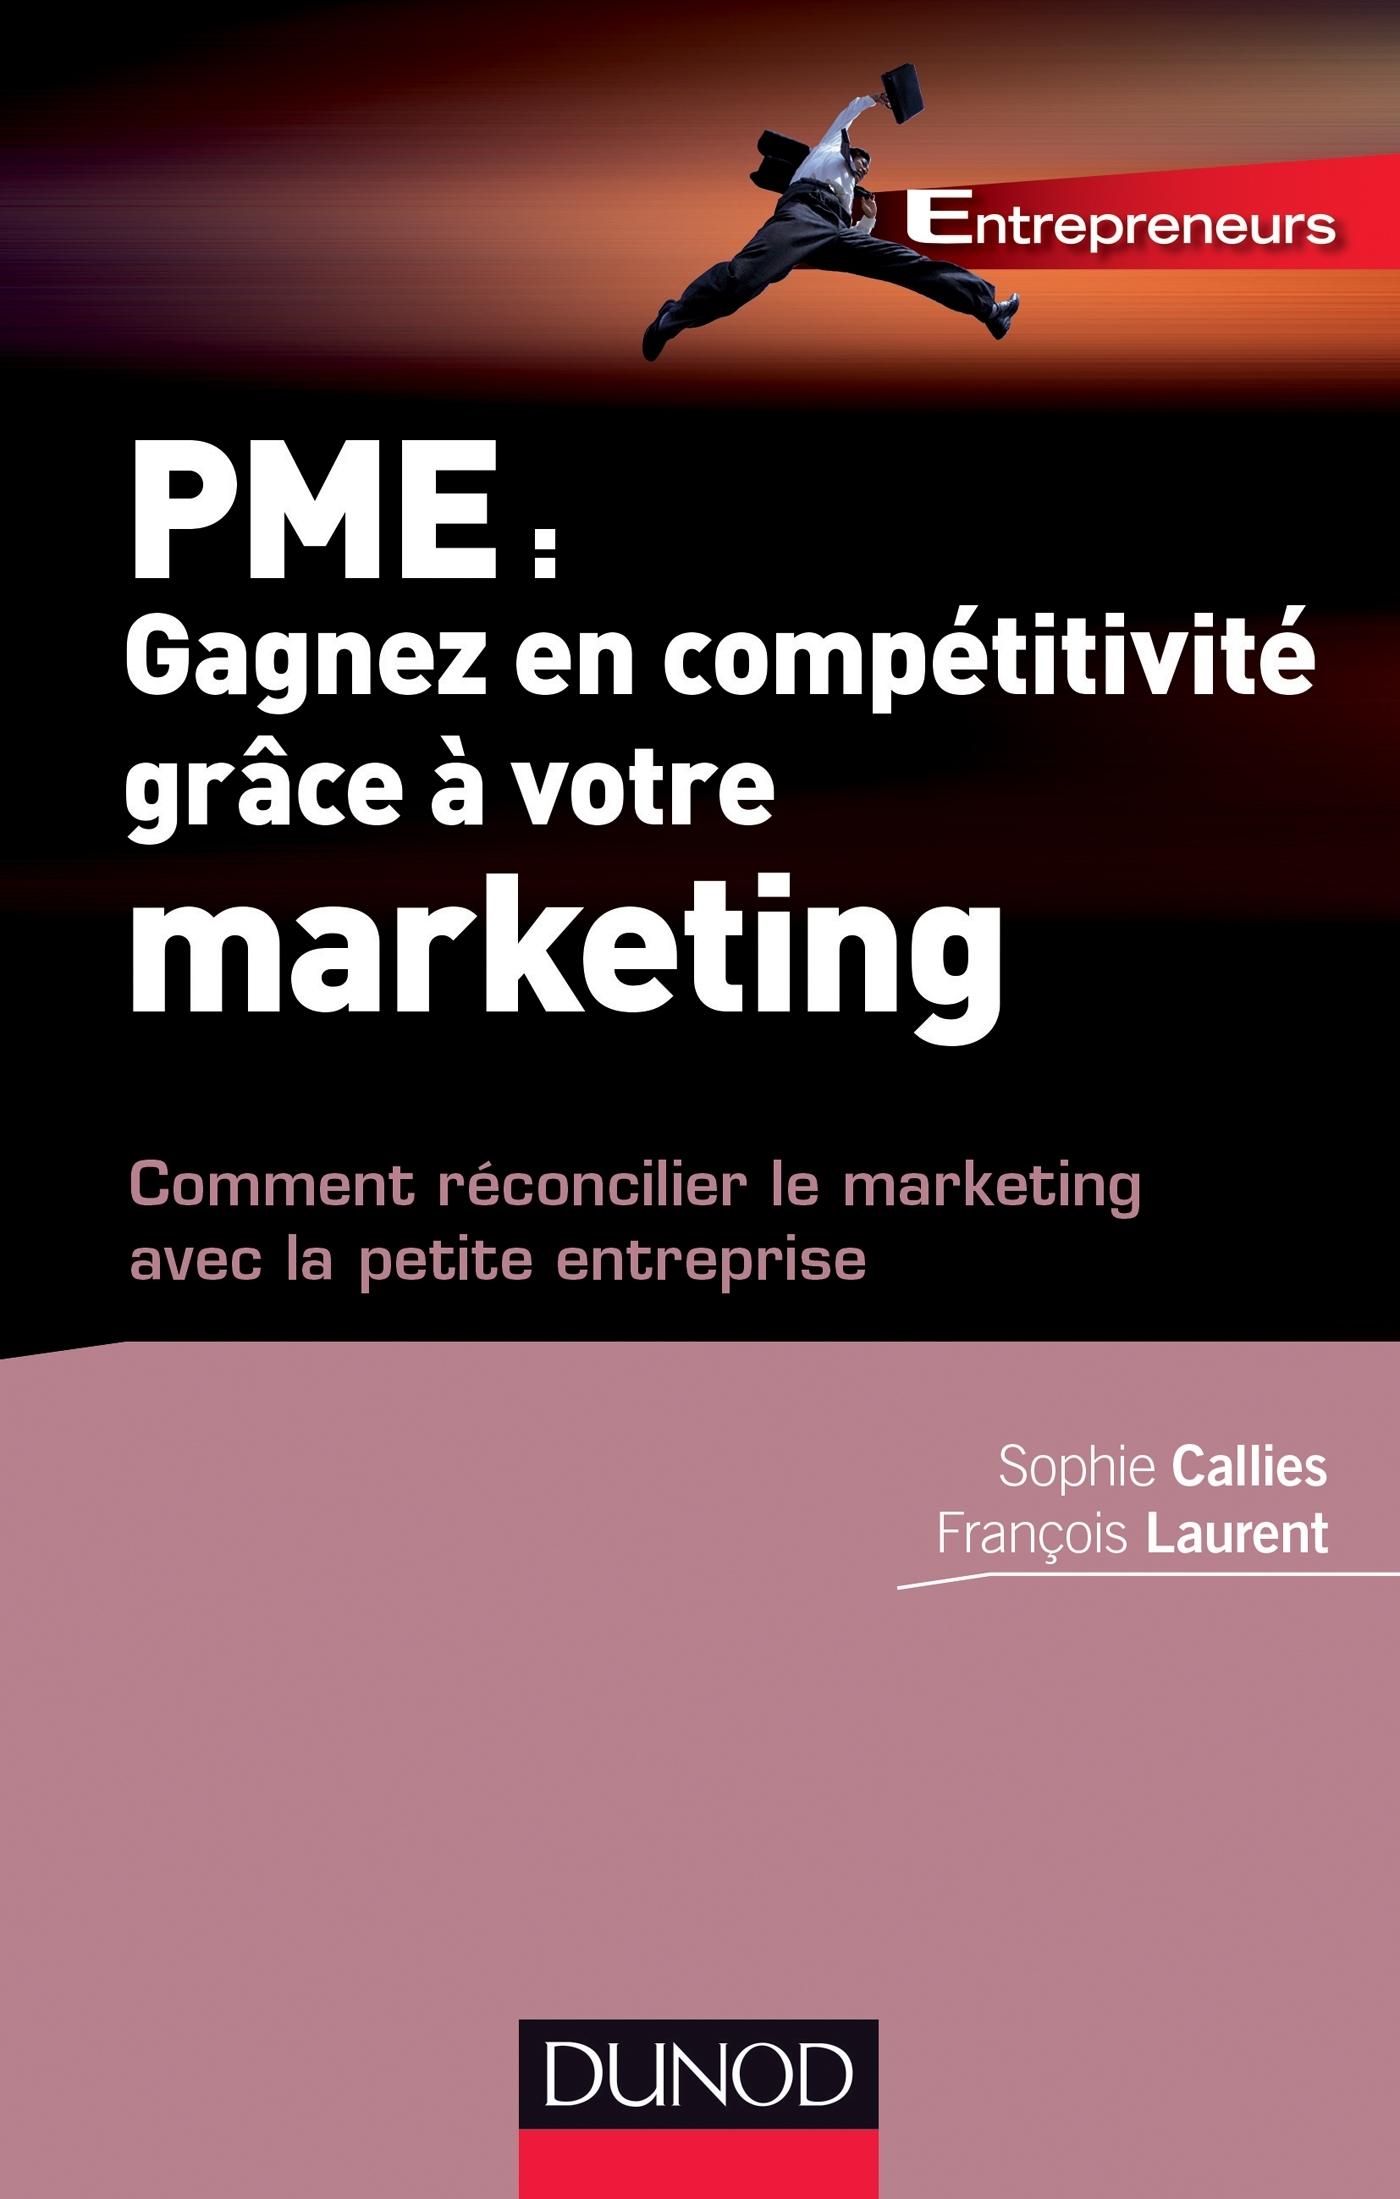 PME : GAGNEZ EN COMPETITIVITE GRACE A VOTRE MARKETING - COMMENT RECONCILIER LE MARKETING AVEC LA